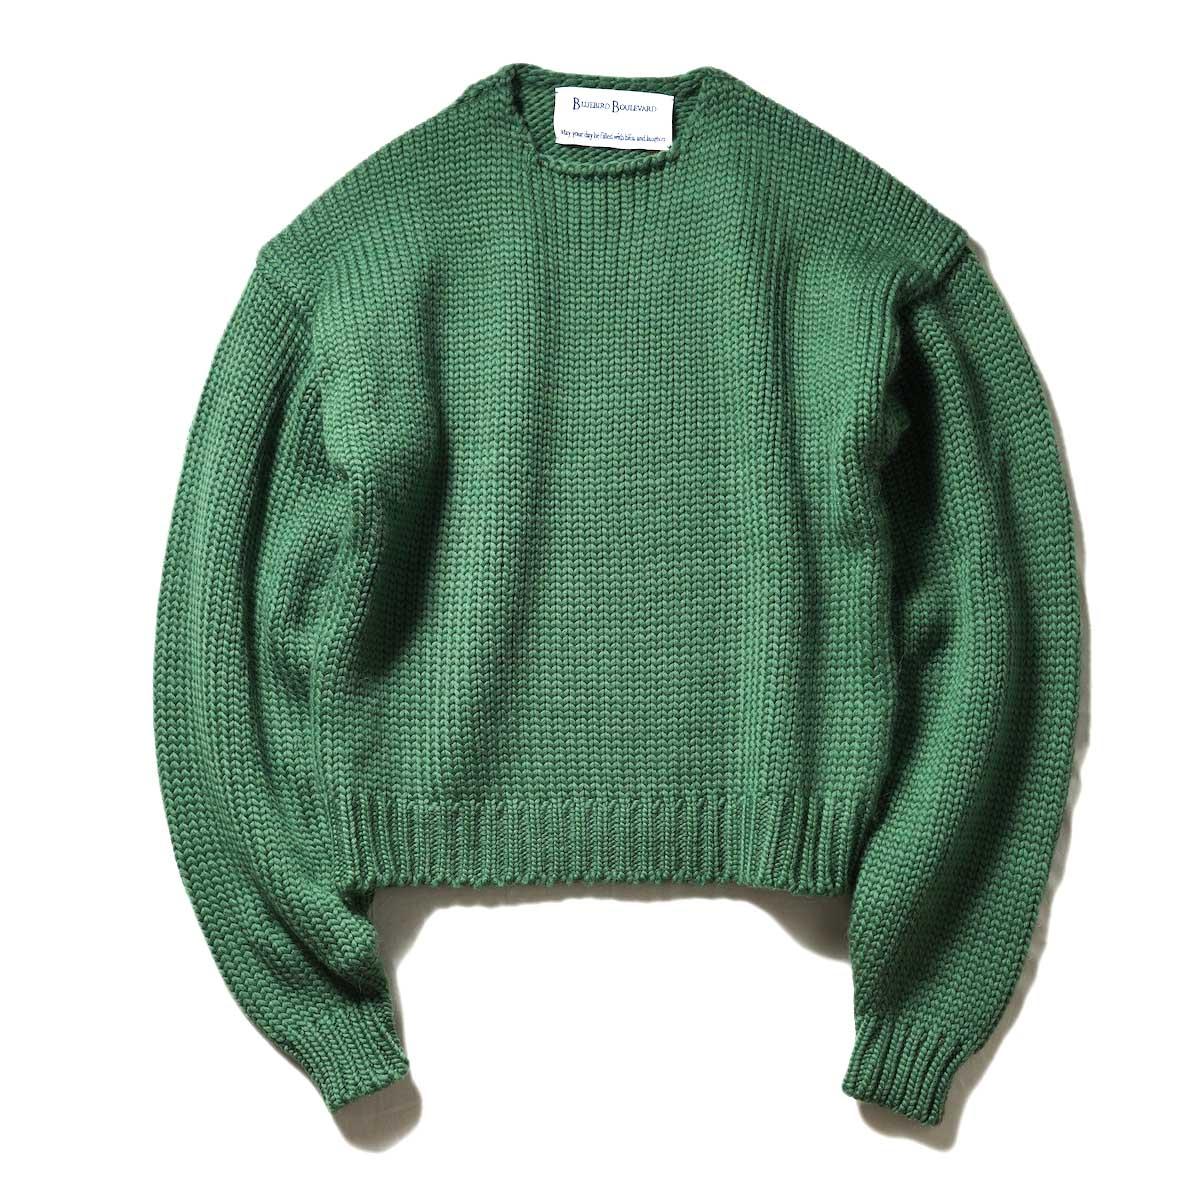 BLUEBIRD BOULEVARD / ウールローバークルーネックセーター (Green)